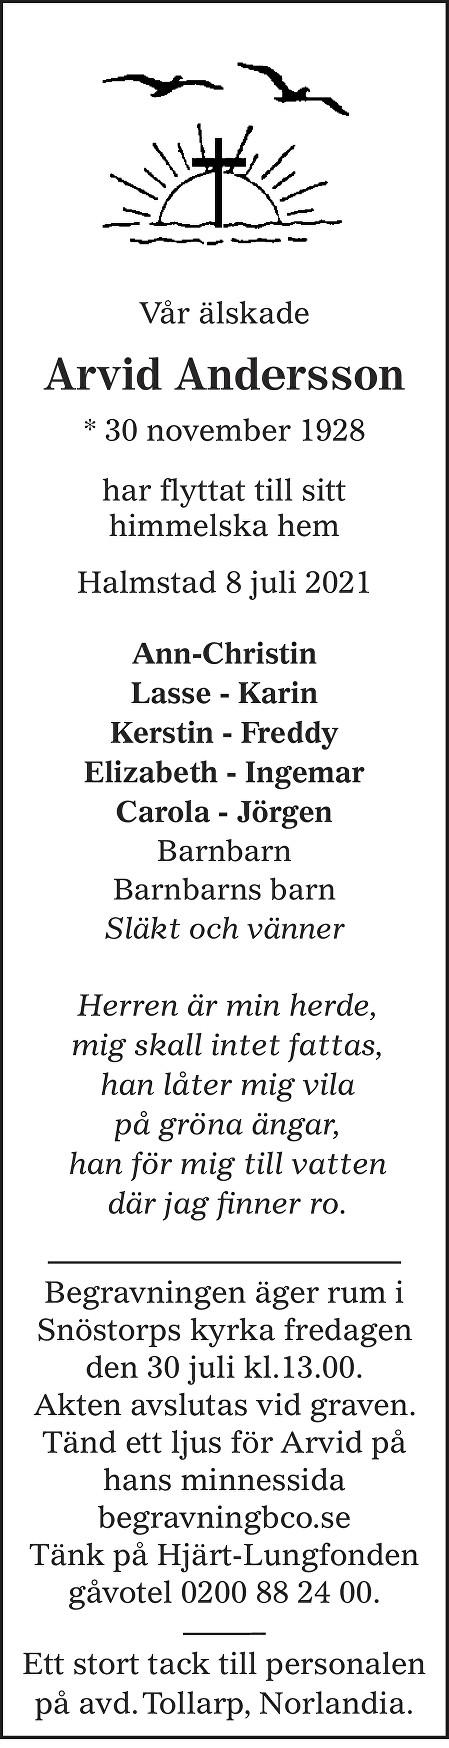 Arvid Andersson Death notice